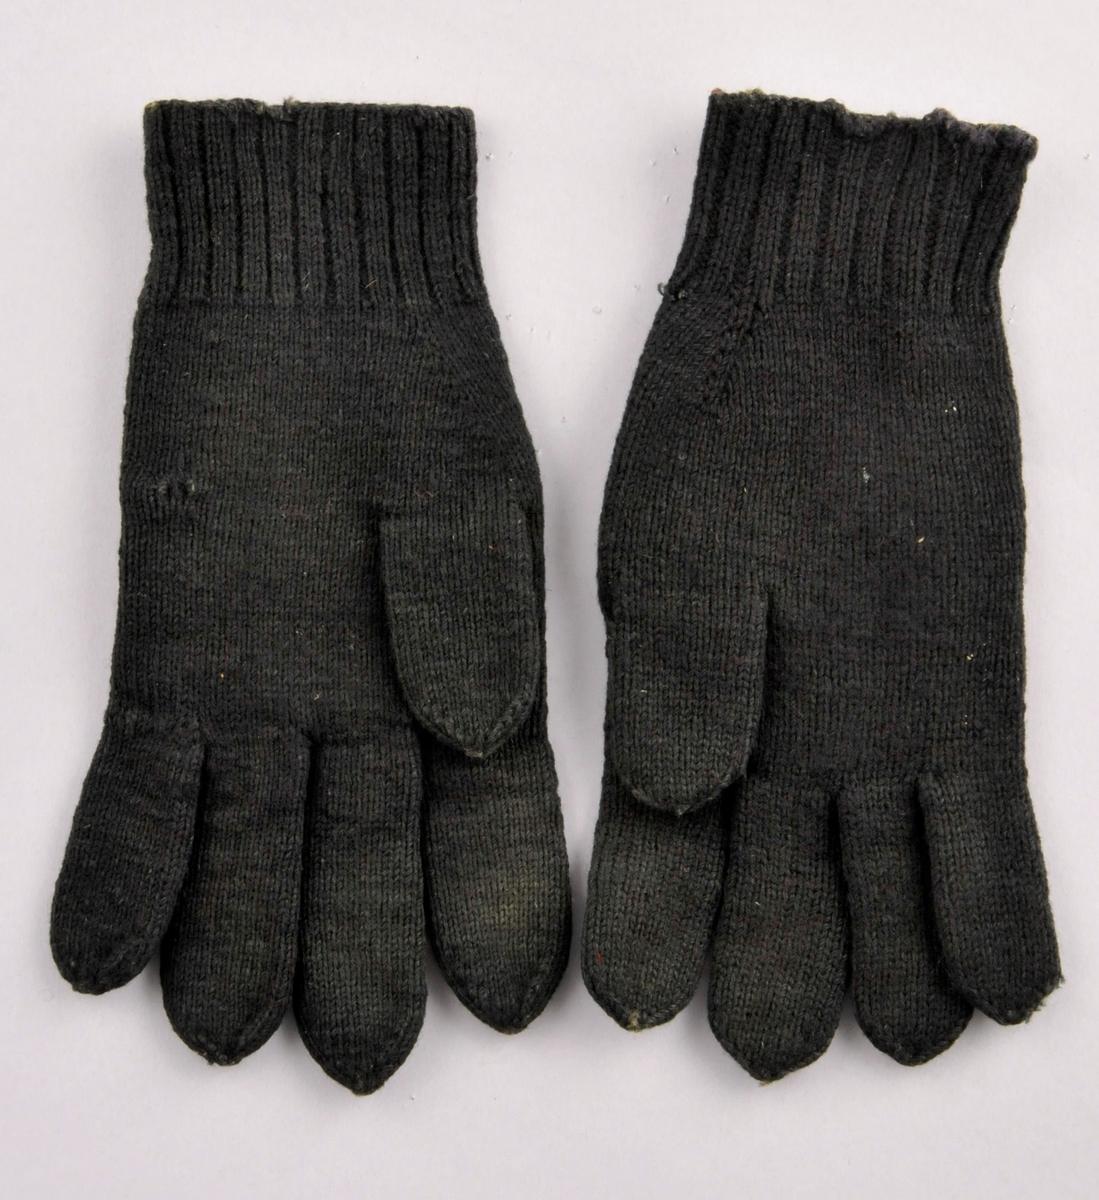 Svarte glattstrikka fingervottar med fleirfarga ullgarnsbroderi med blomstermotiv i sjattersaum på handbaken. Votten har 5 cm vrangbord av to rette og to vrange masker.